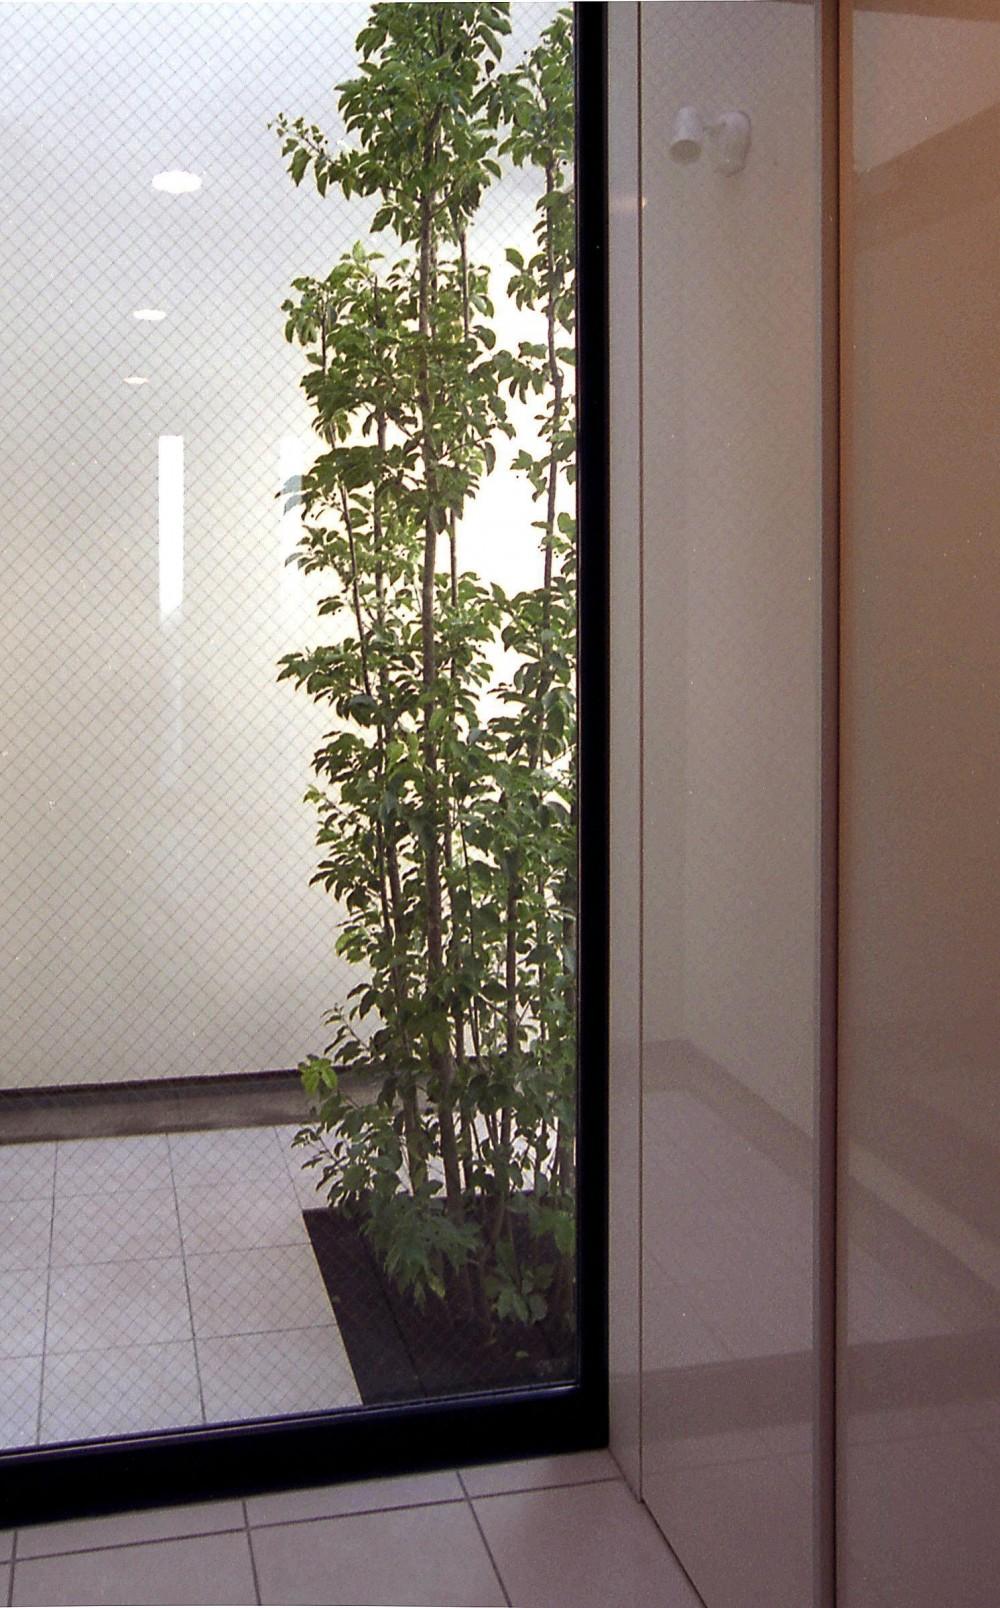 オープンテラスの家・OPEN TERRACE HOUSE 東京都世田谷区 (玄関・ライトコート)